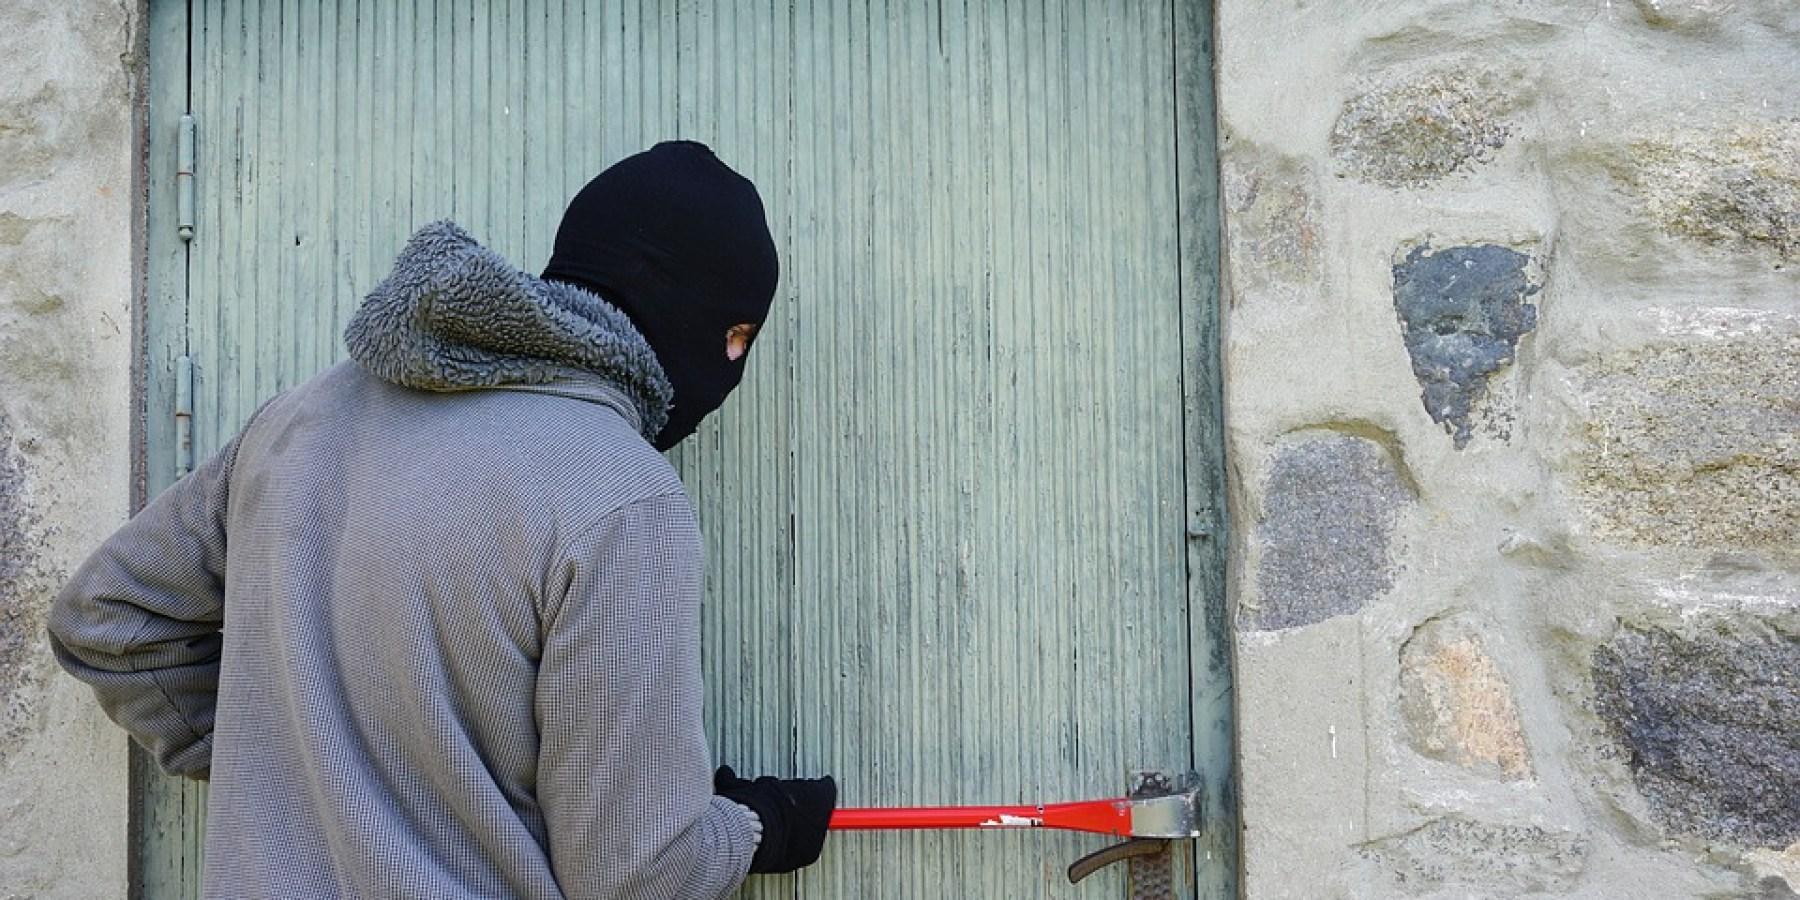 Einbruch in Handorf – Aufmerksame Frau beobachtet Täter